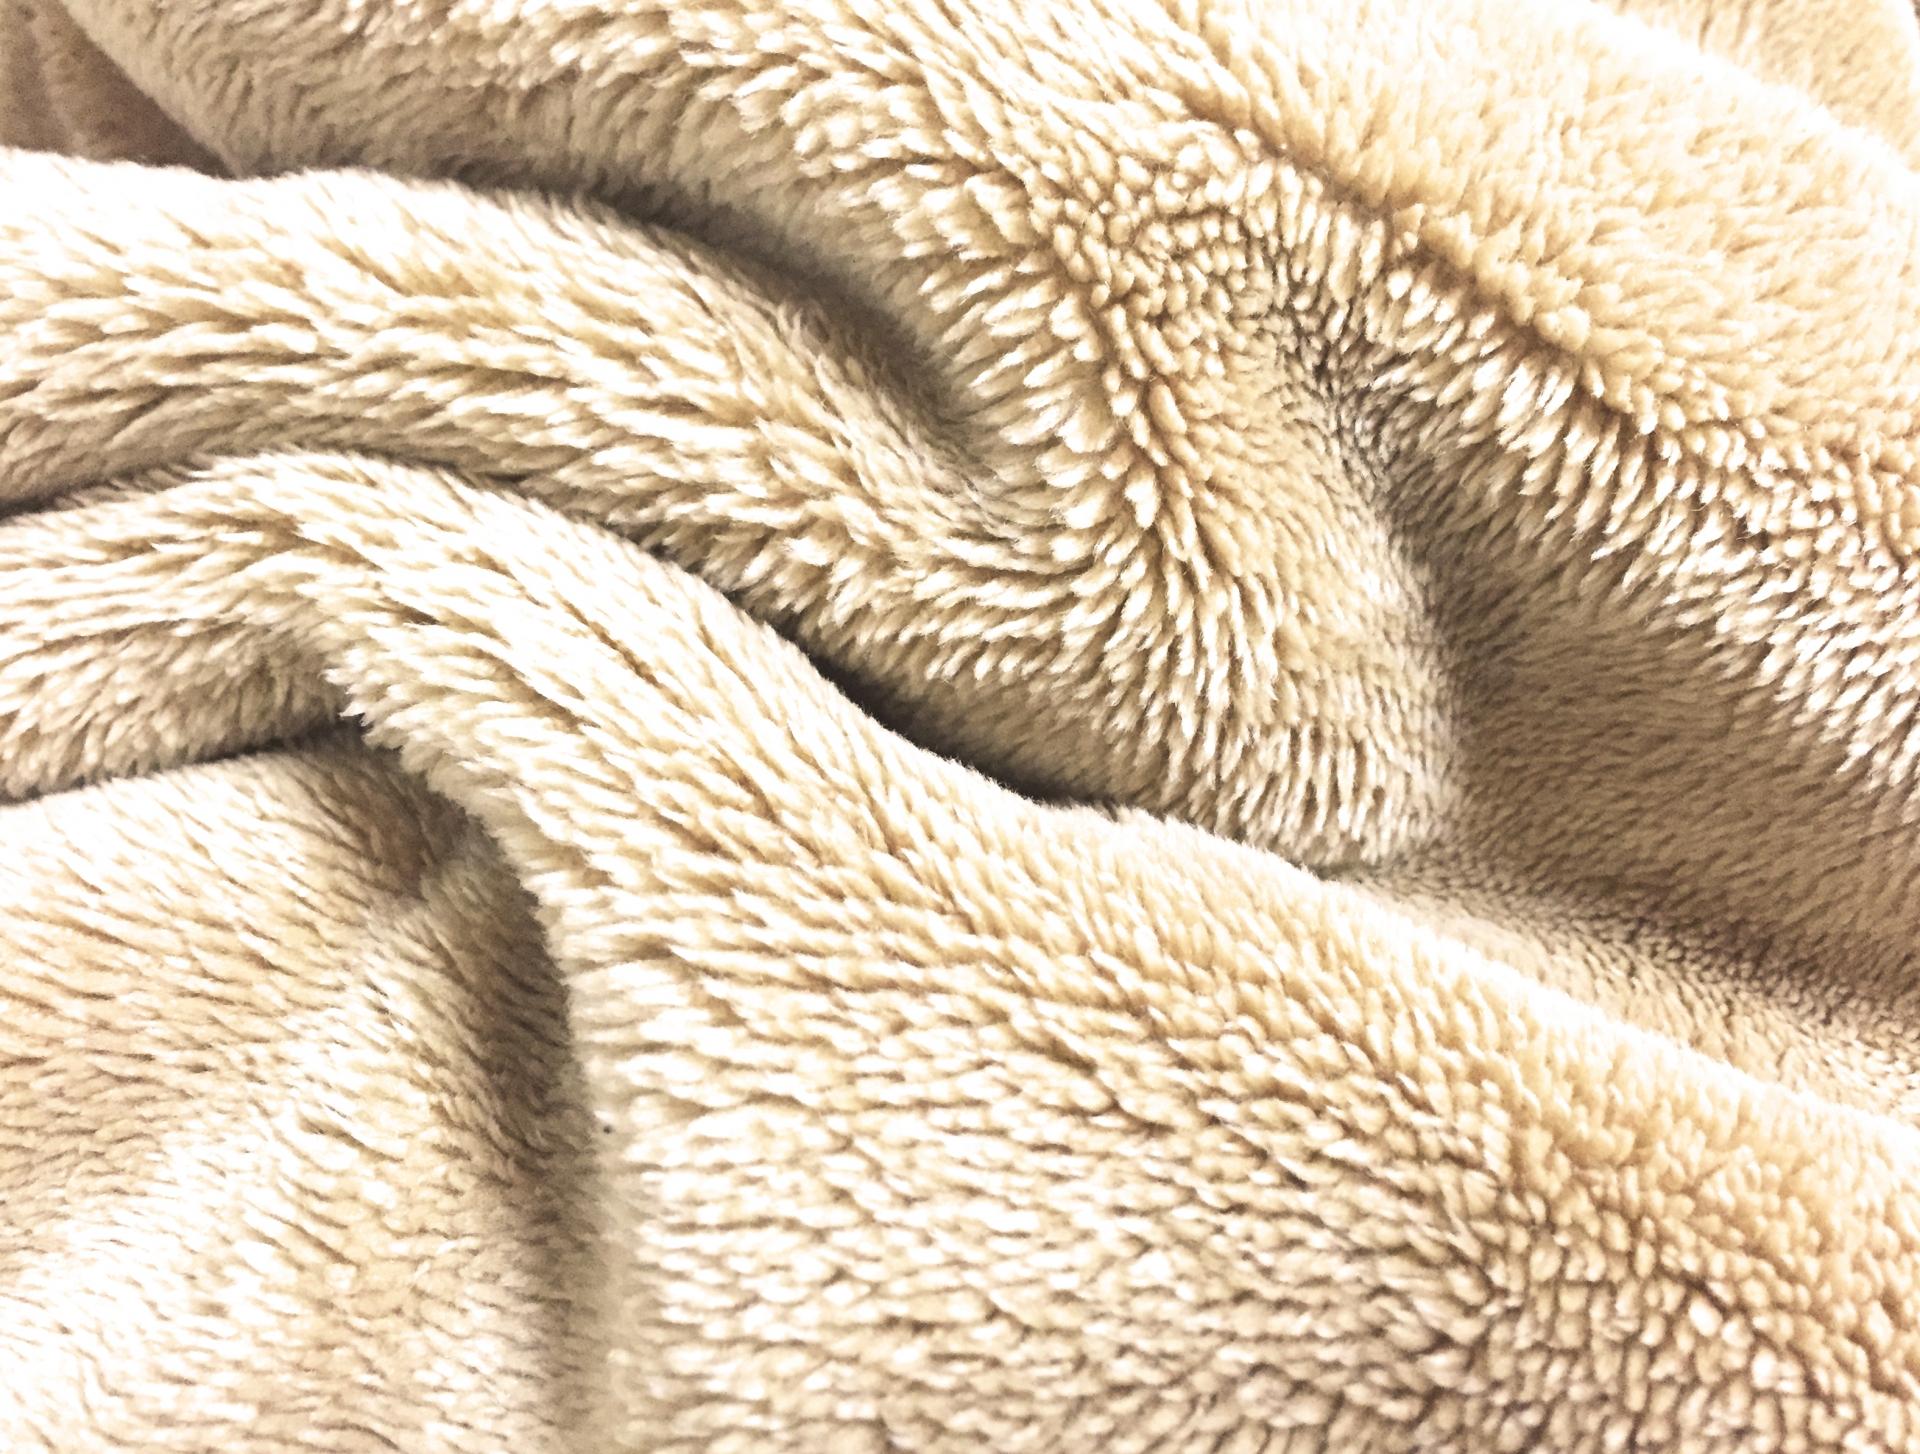 【毛布 買取】中古でも売れる毛布とは?処分する前に知っておきたいこと